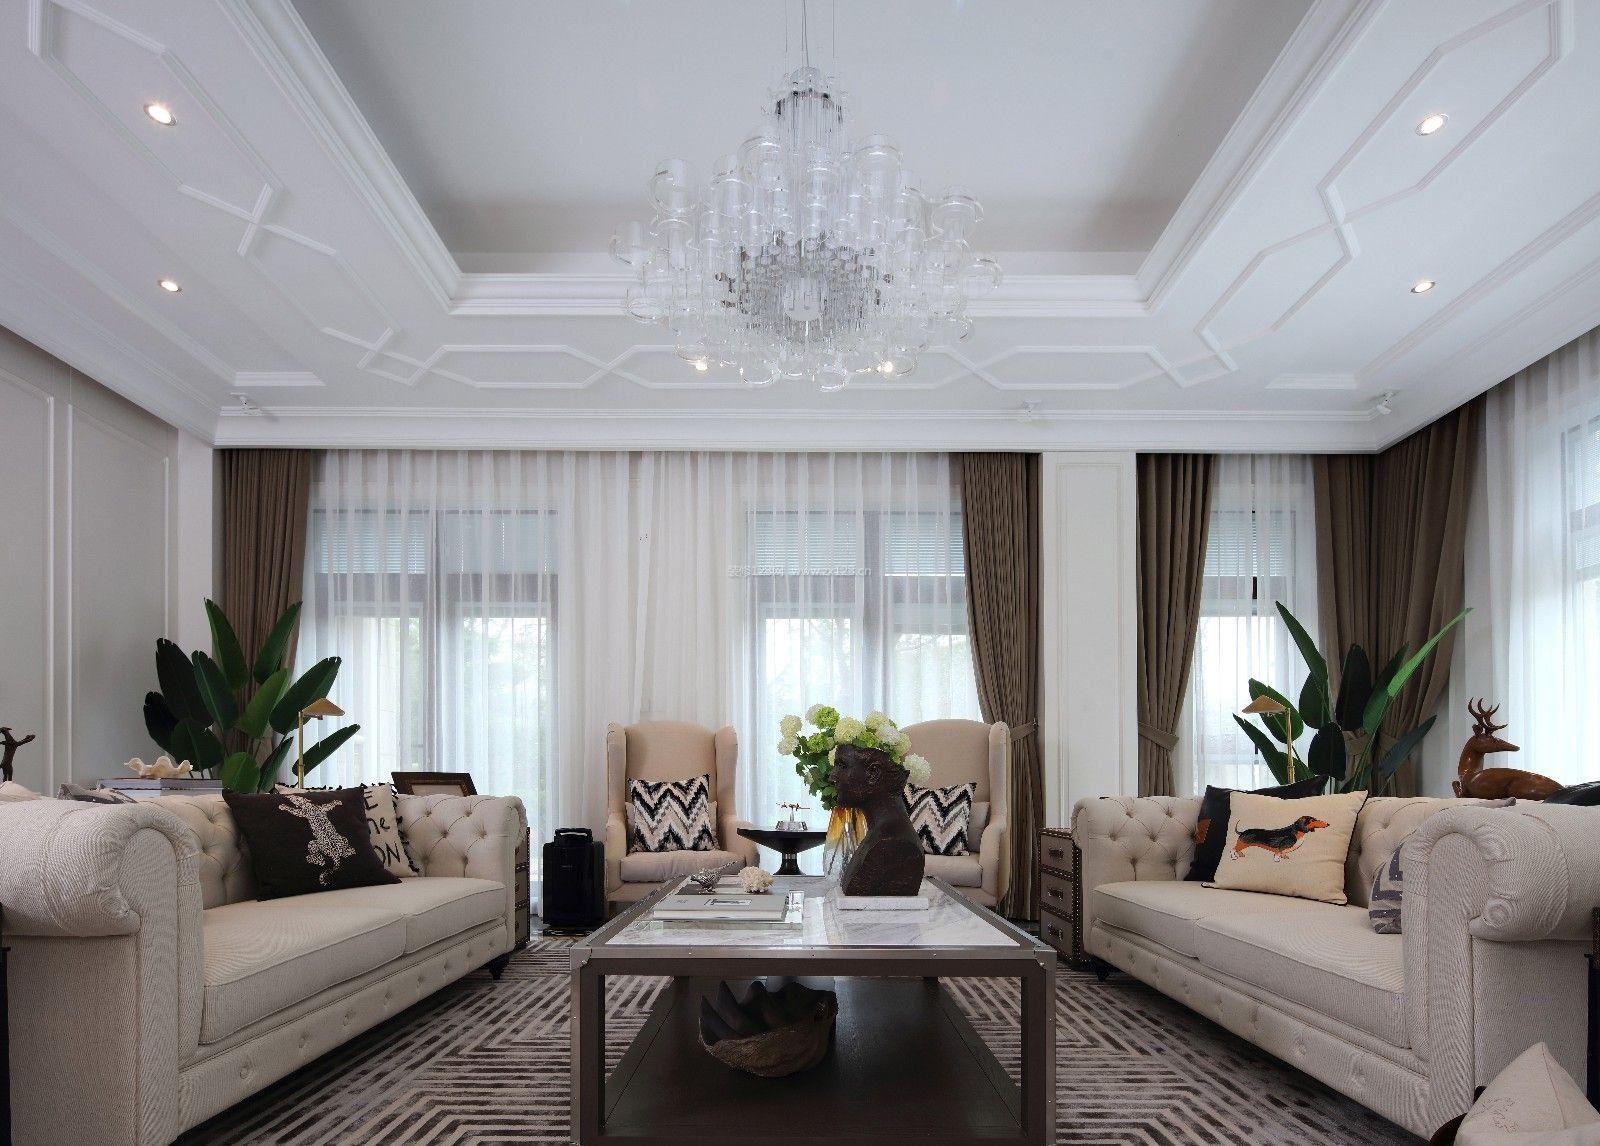 2017最新家装客厅欧式吊顶效果图